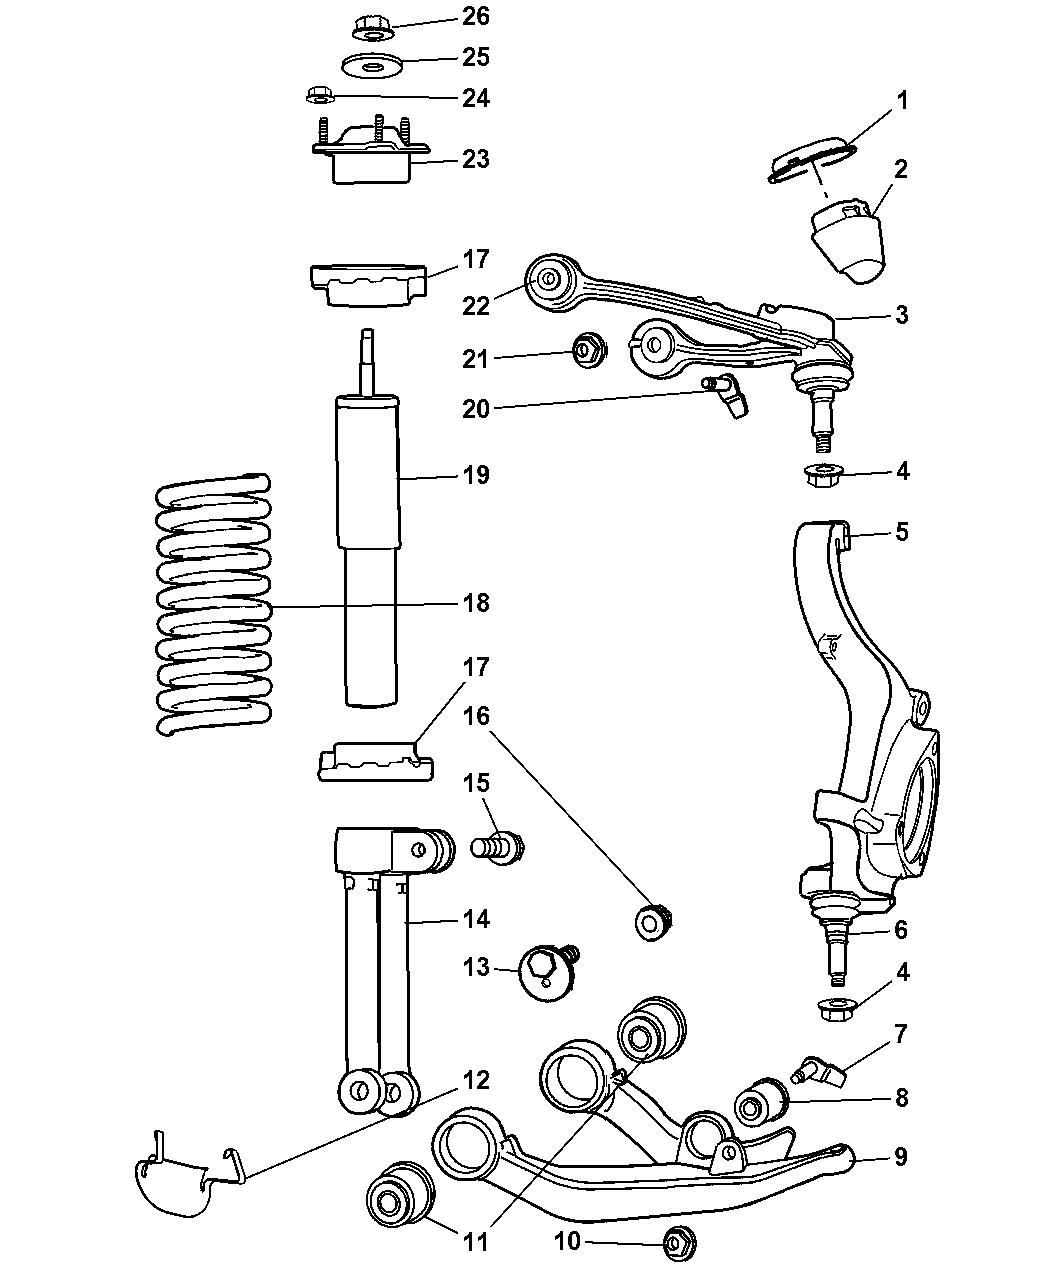 2005 jeep liberty suspension - front & strut - mopar parts ... jeep parts schematic jeep suspension schematic